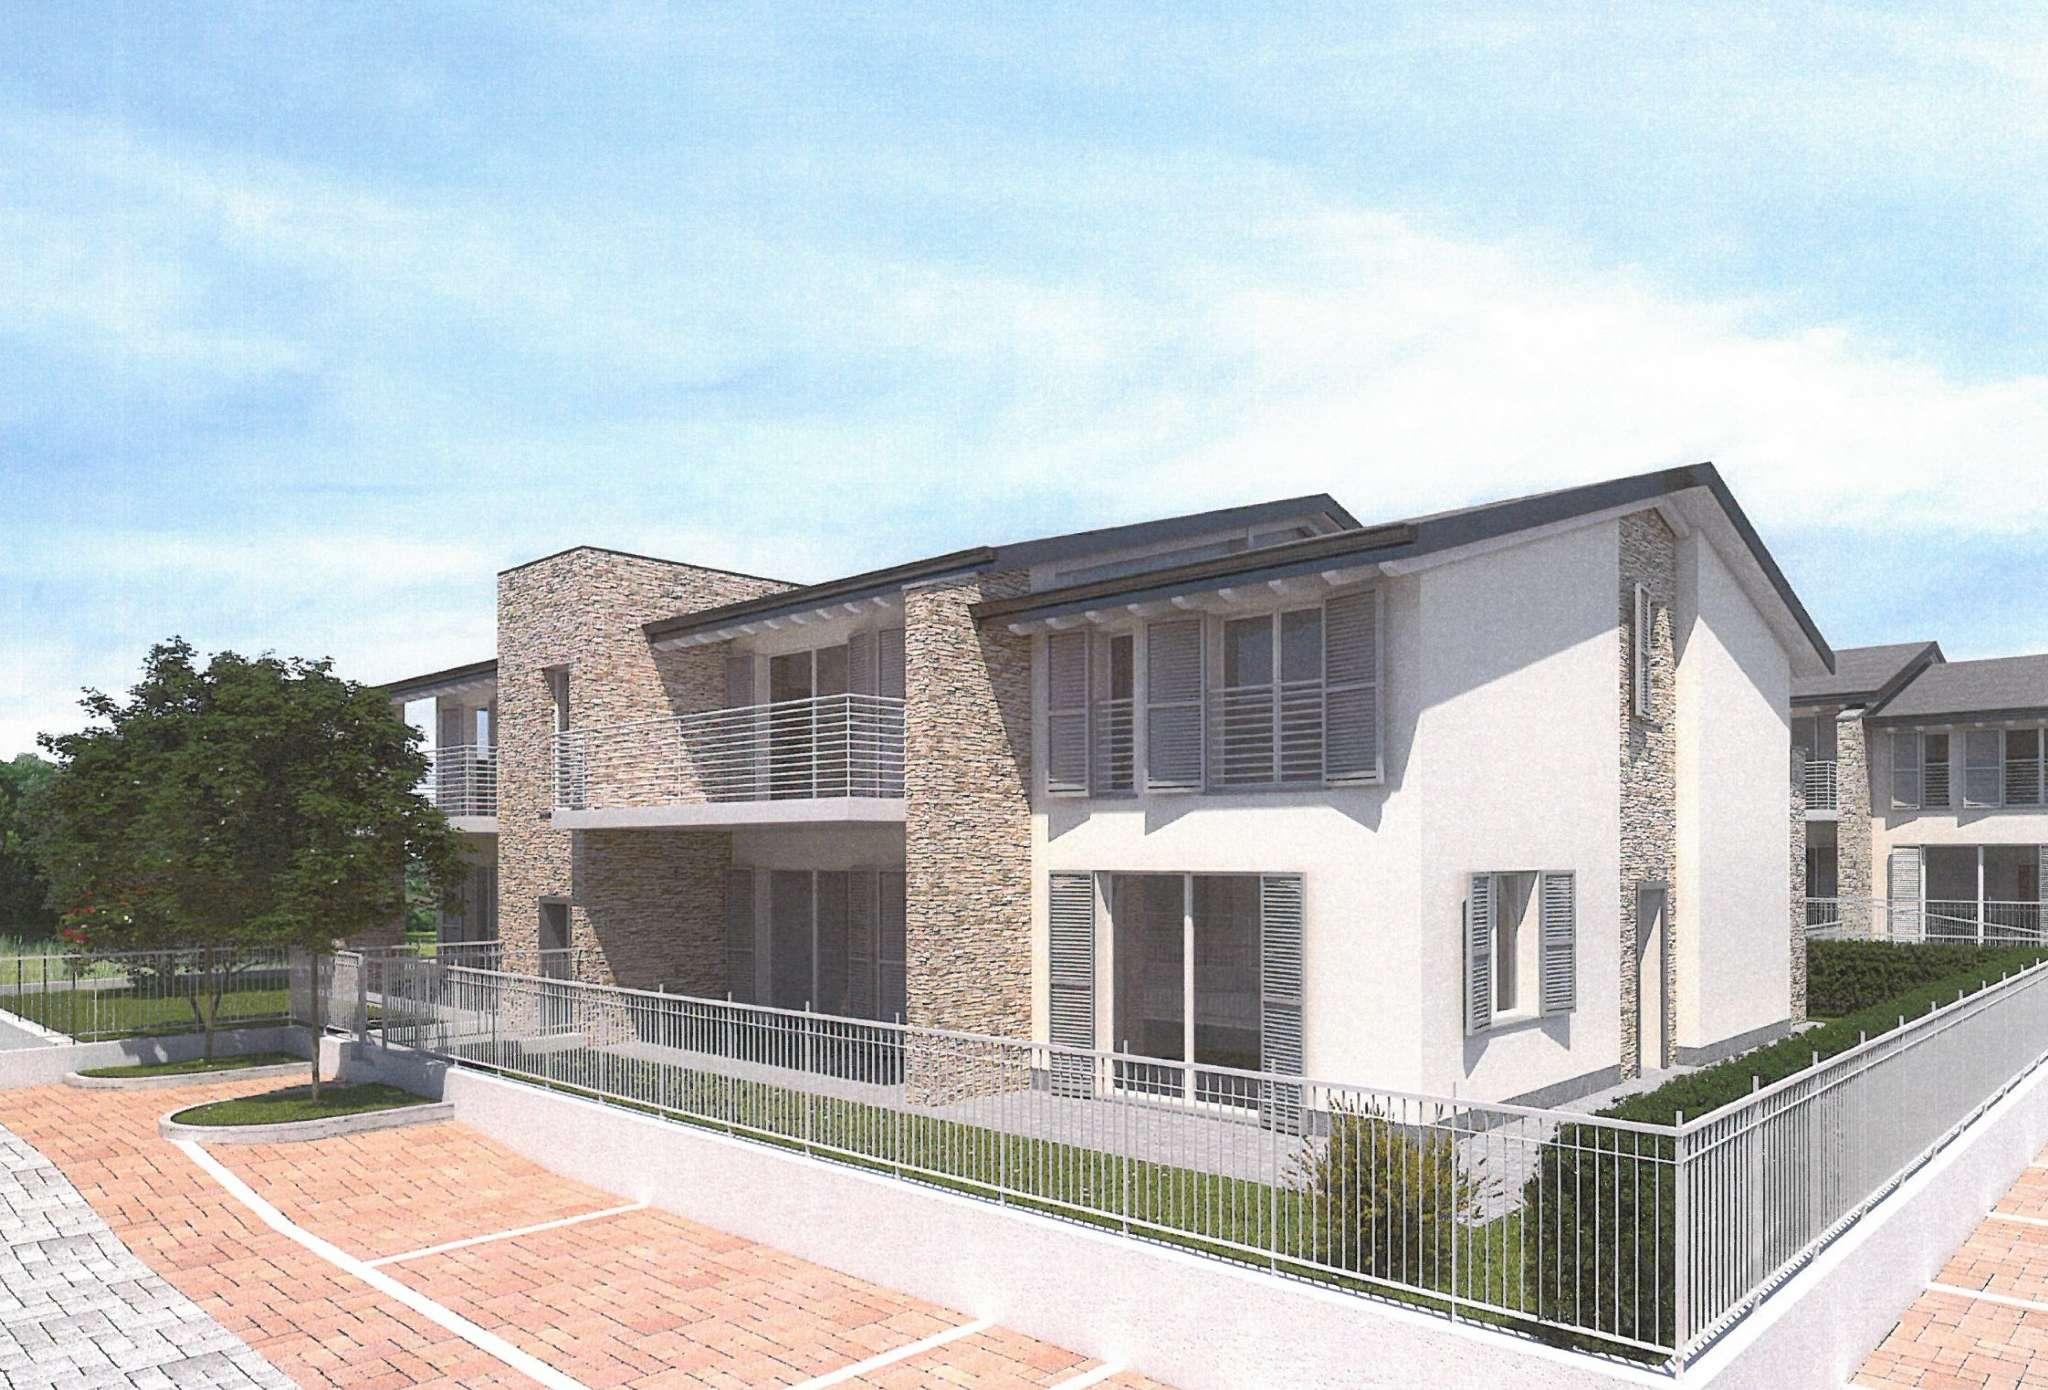 Appartamento in vendita a Casatenovo, 4 locali, prezzo € 270.000 | PortaleAgenzieImmobiliari.it